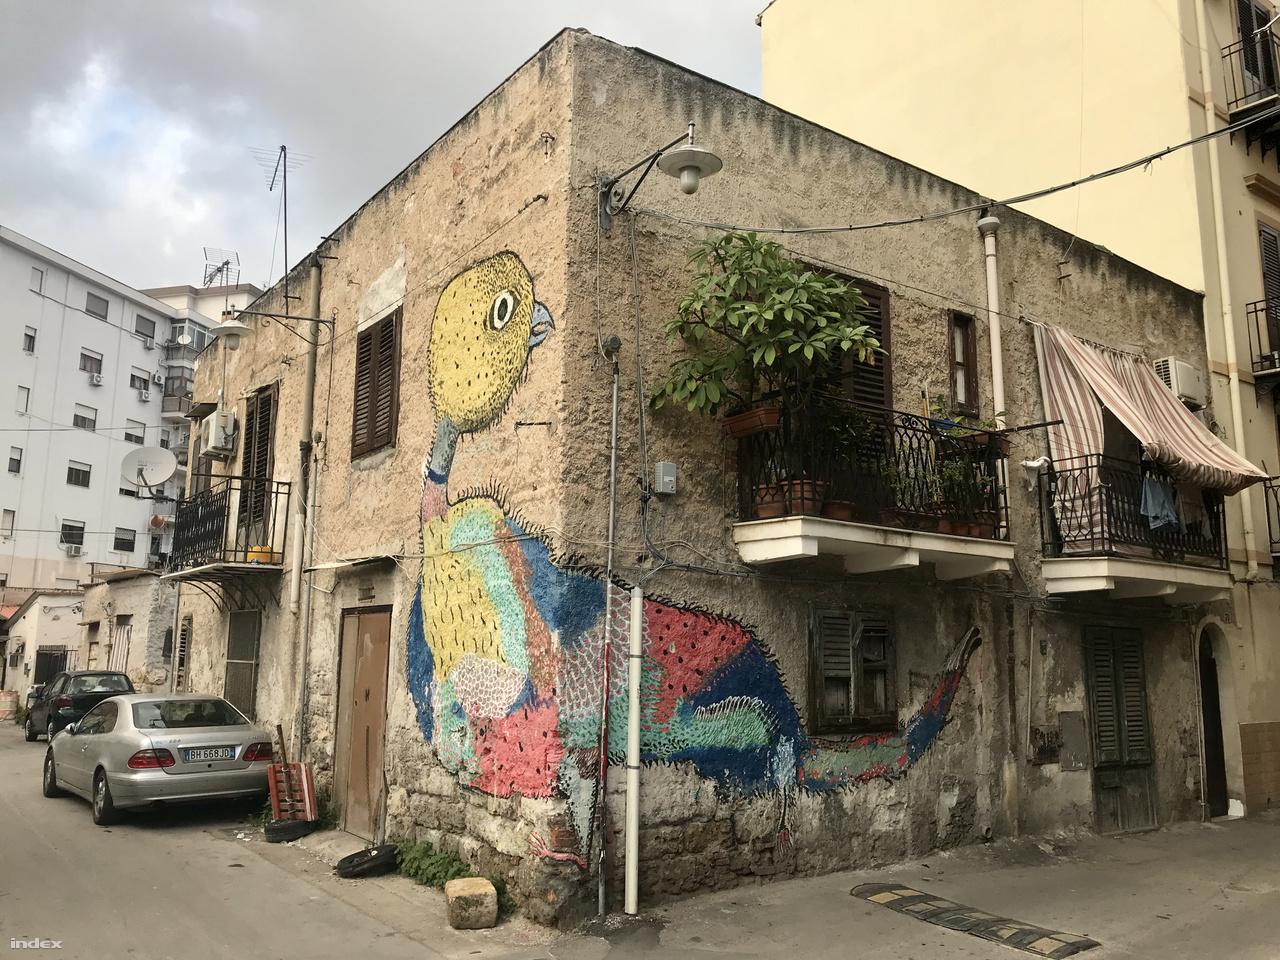 Közösségi finanszírozású képzőművészeti programot hirdettek a helyi gyerekeknek, a Borgo Vecchio Factory projekt pedig megváltoztatta a szegénynegyed képét. A negyedben 40% feletti a munkanélküliség, és a fiatalok nagyon alacsony iskolázottságúak.